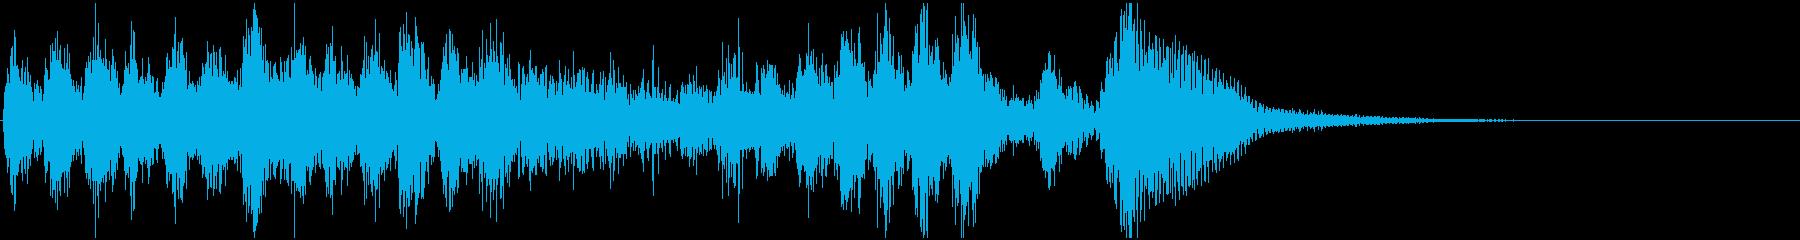 素早いピチカートの楽しげなジングル(2)の再生済みの波形